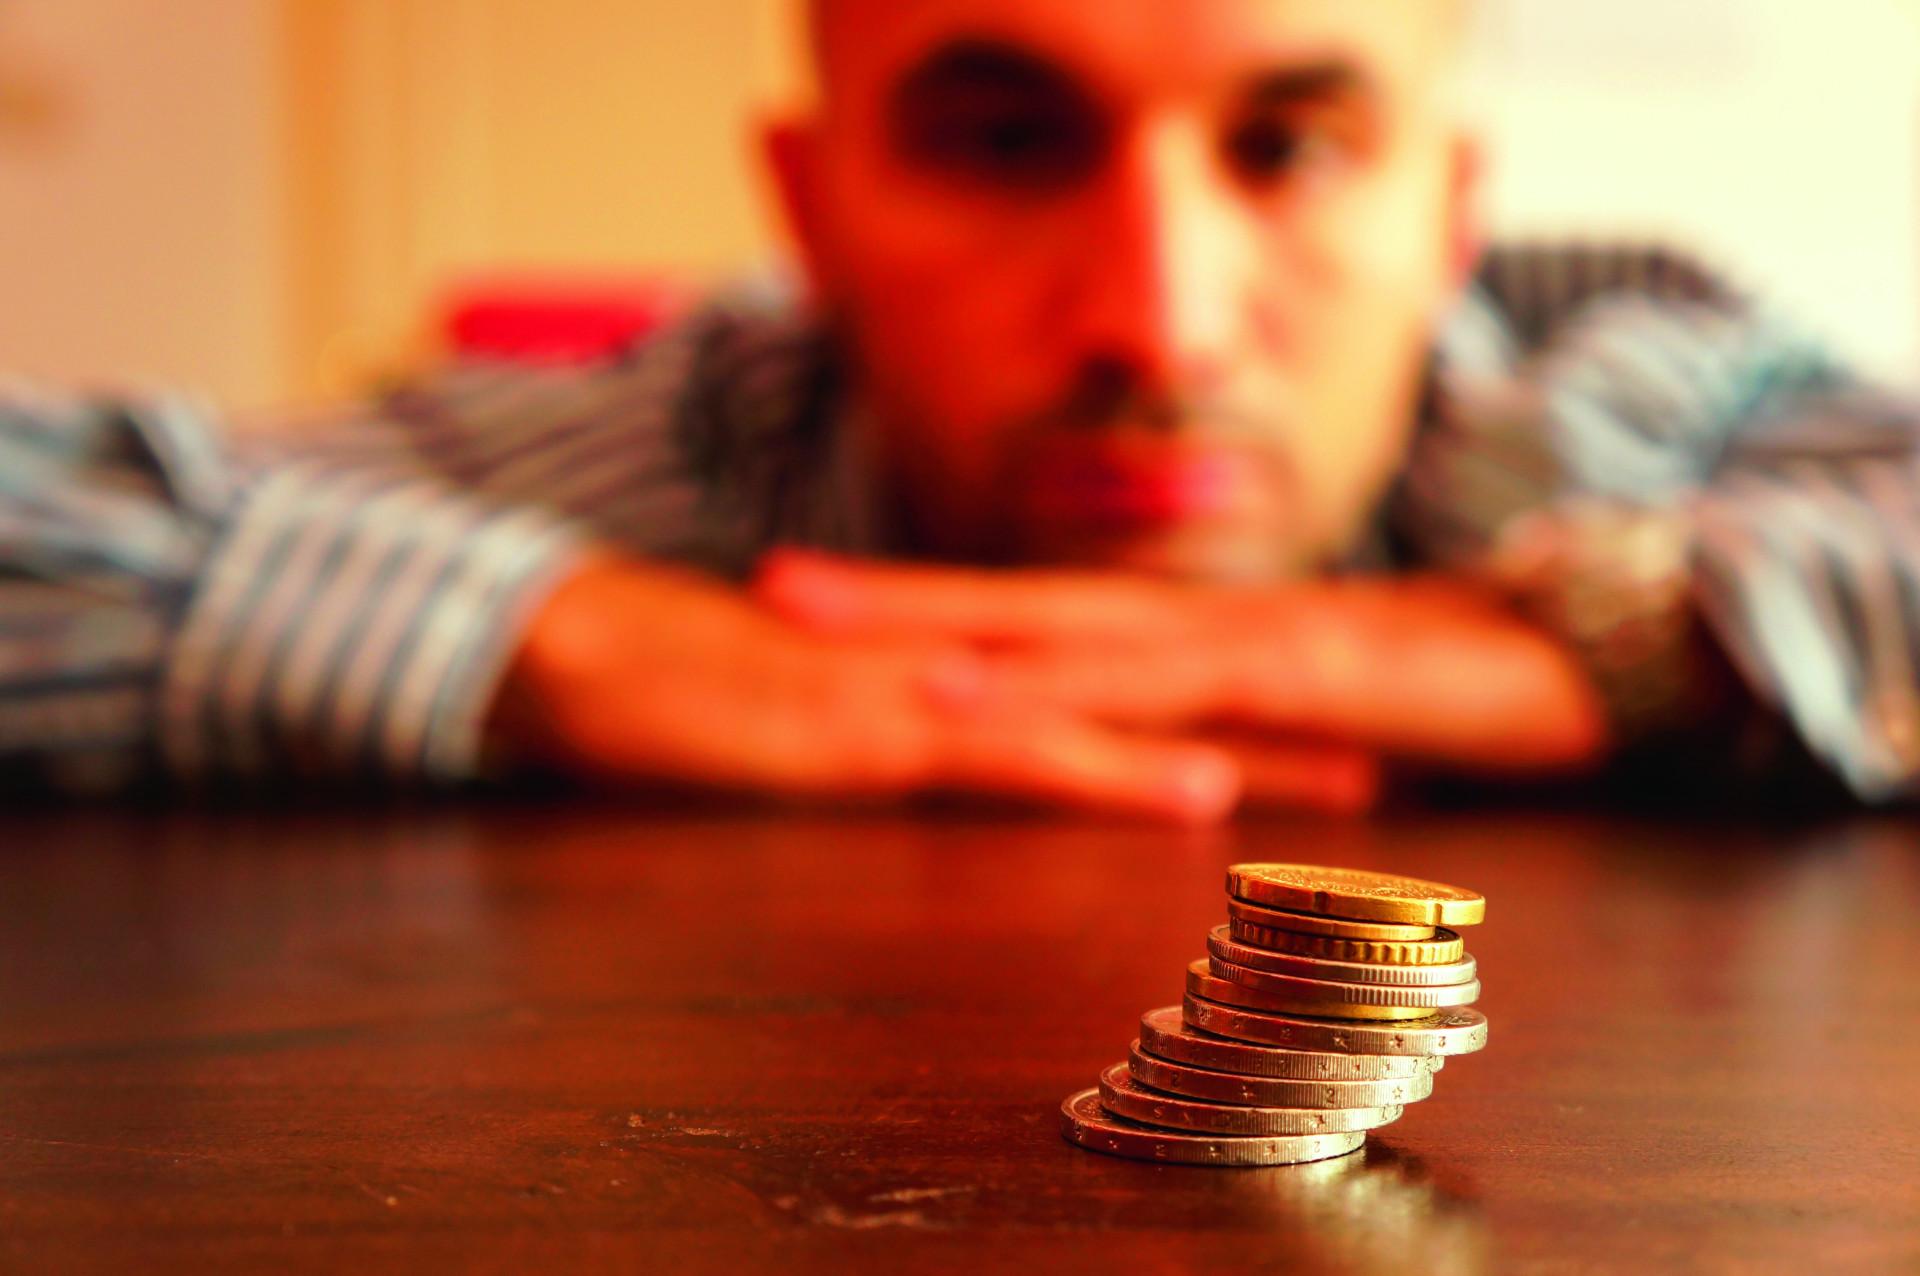 mainīt dzīvi nopelnīt naudu)